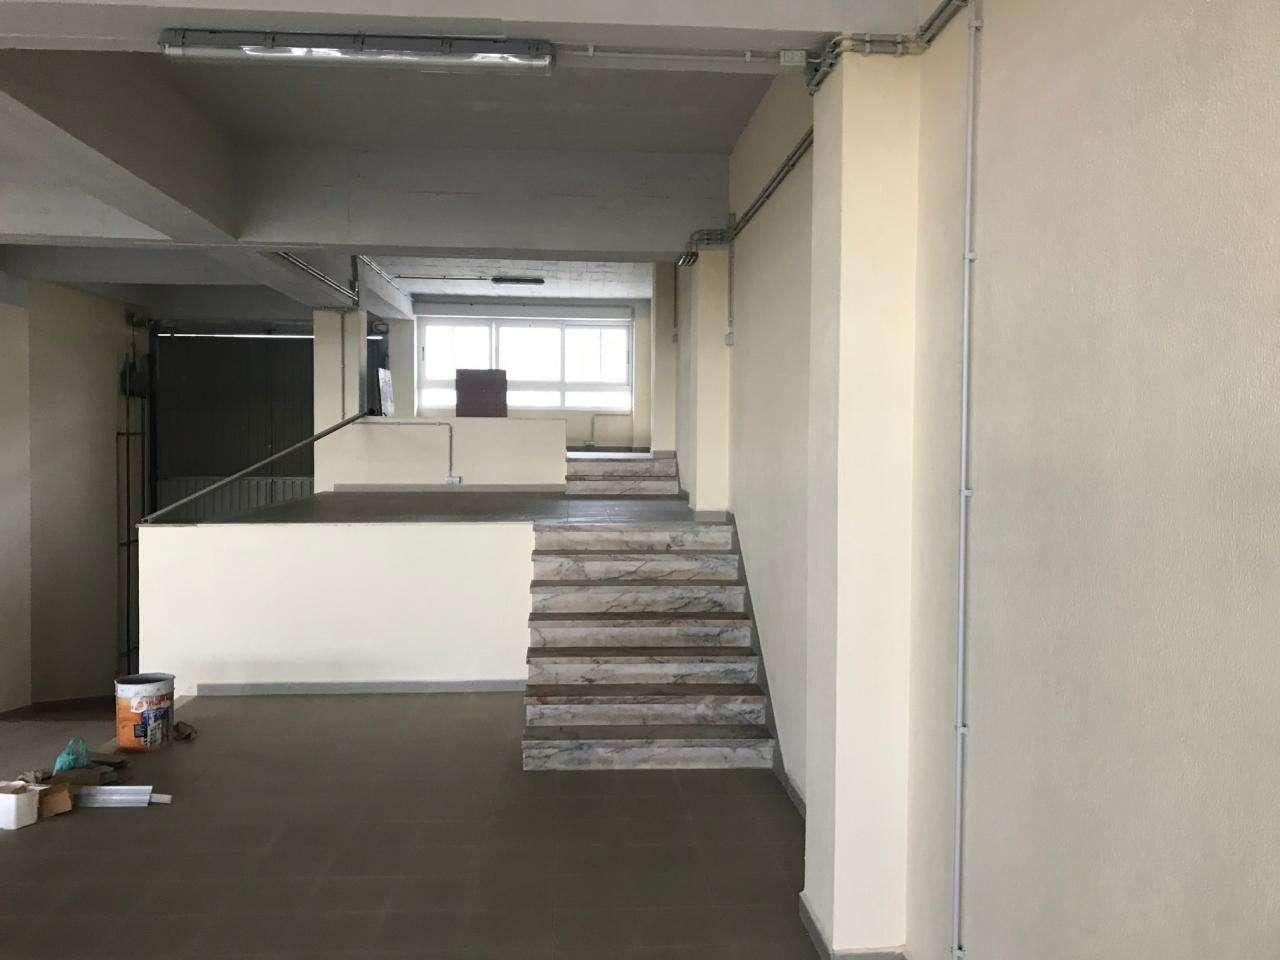 Armazém para arrendar, Santa Iria de Azoia, São João da Talha e Bobadela, Lisboa - Foto 10